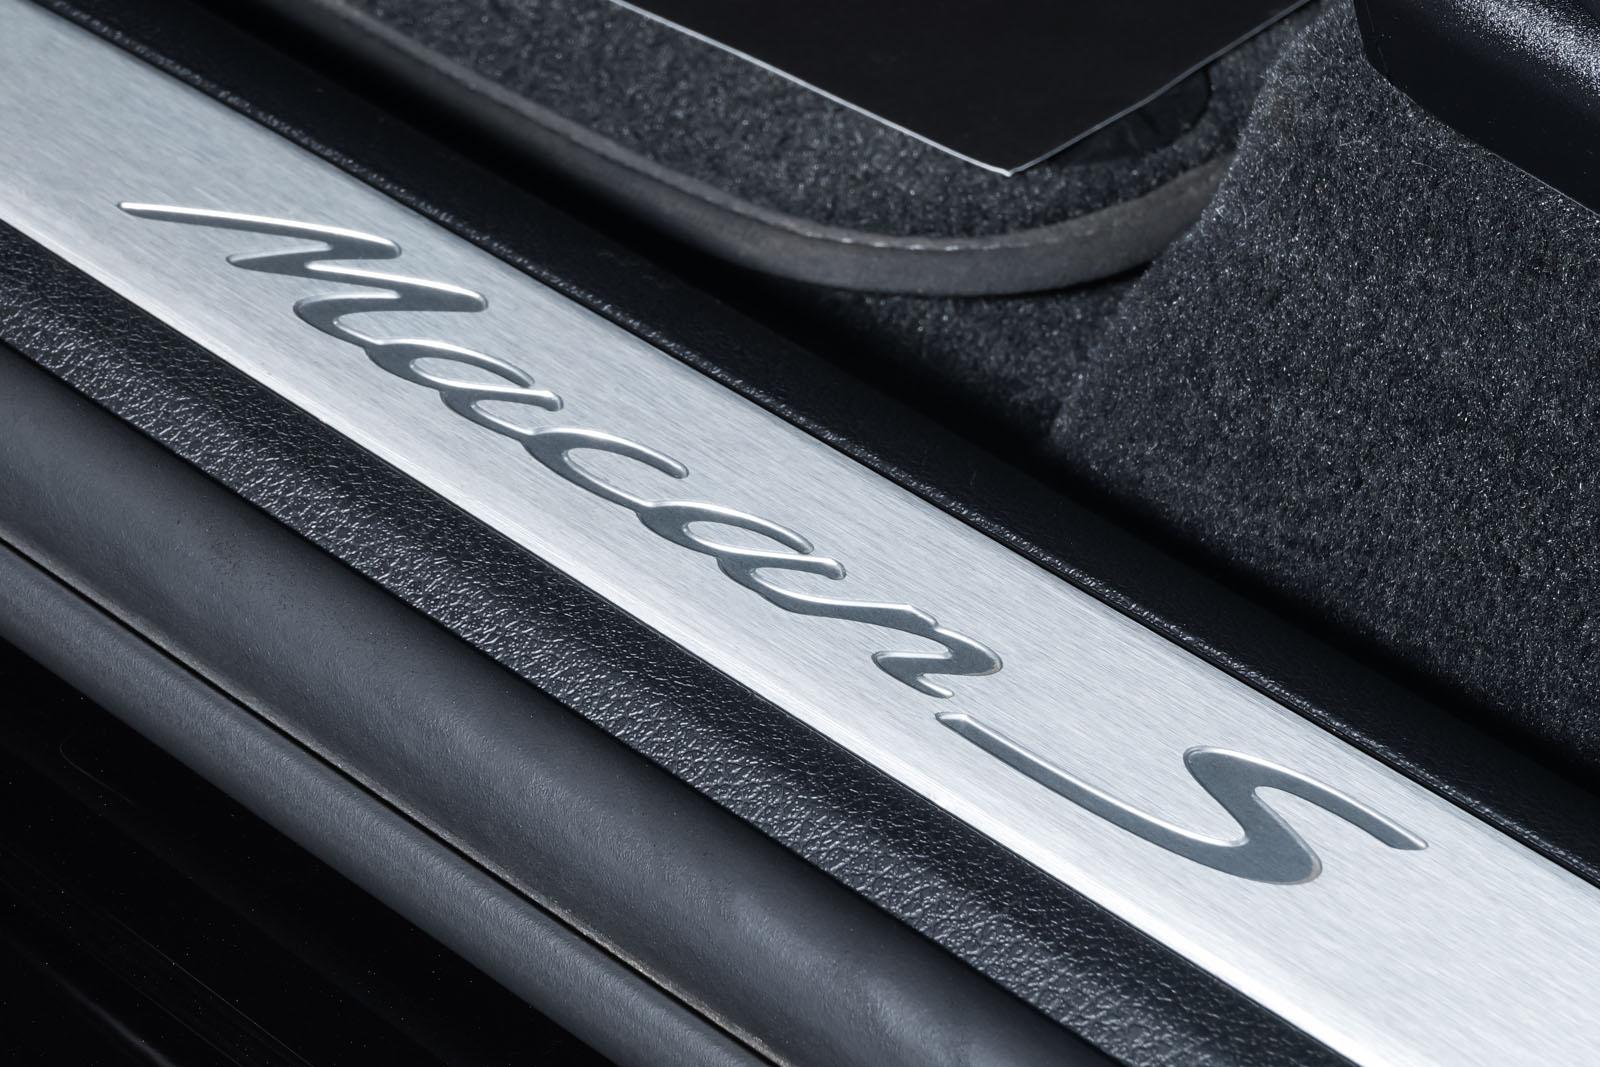 Porsche_Macan_S_Tiefschwarz_Schwarz_POR-1108_9_w